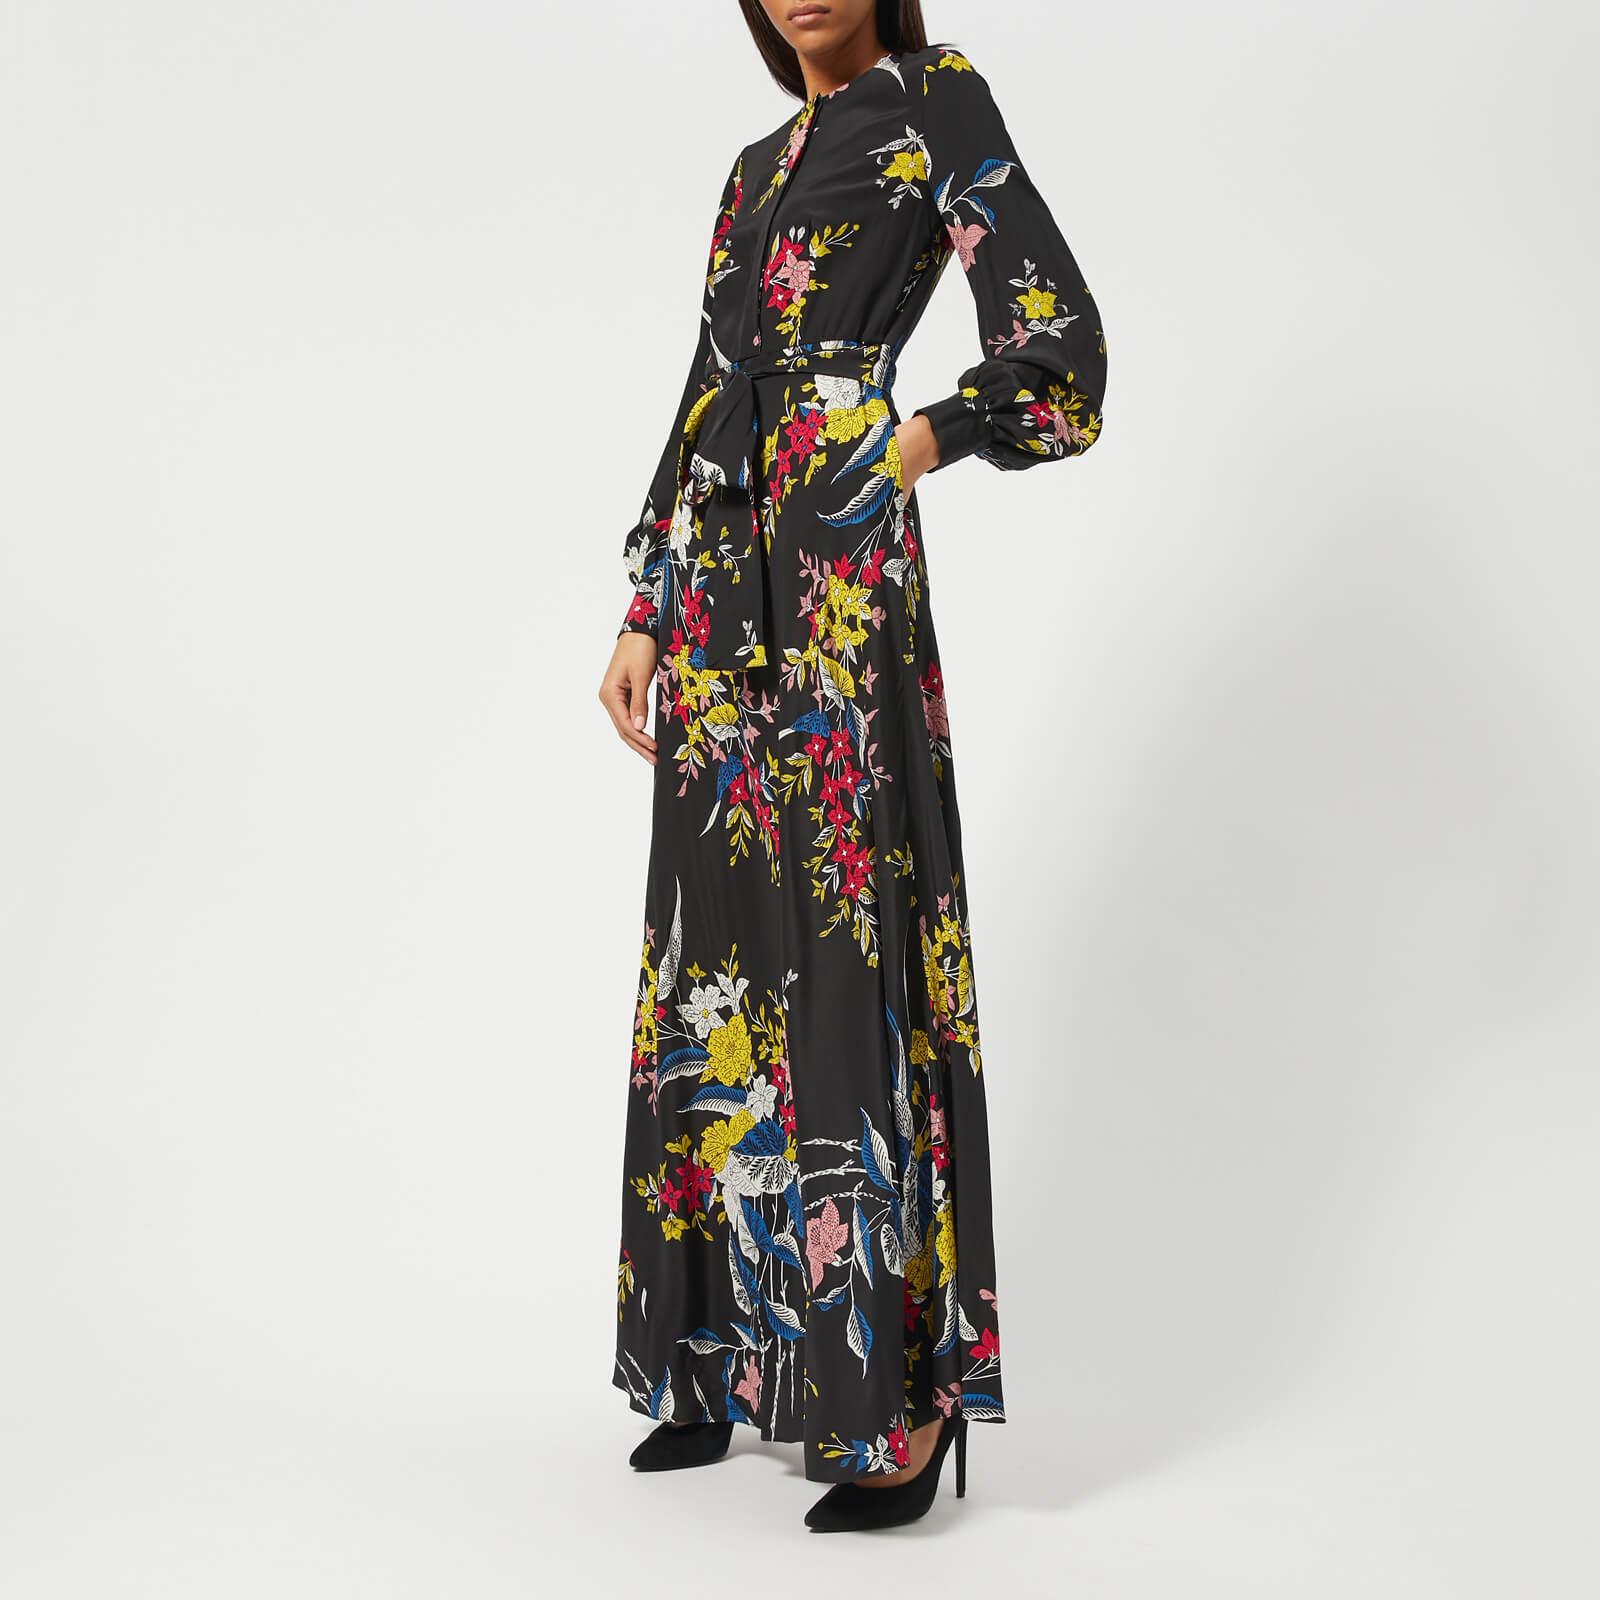 6147faf059b Diane von Furstenberg Women s Waist Tie Maxi Dress - Camden Black - Free UK  Delivery over £50